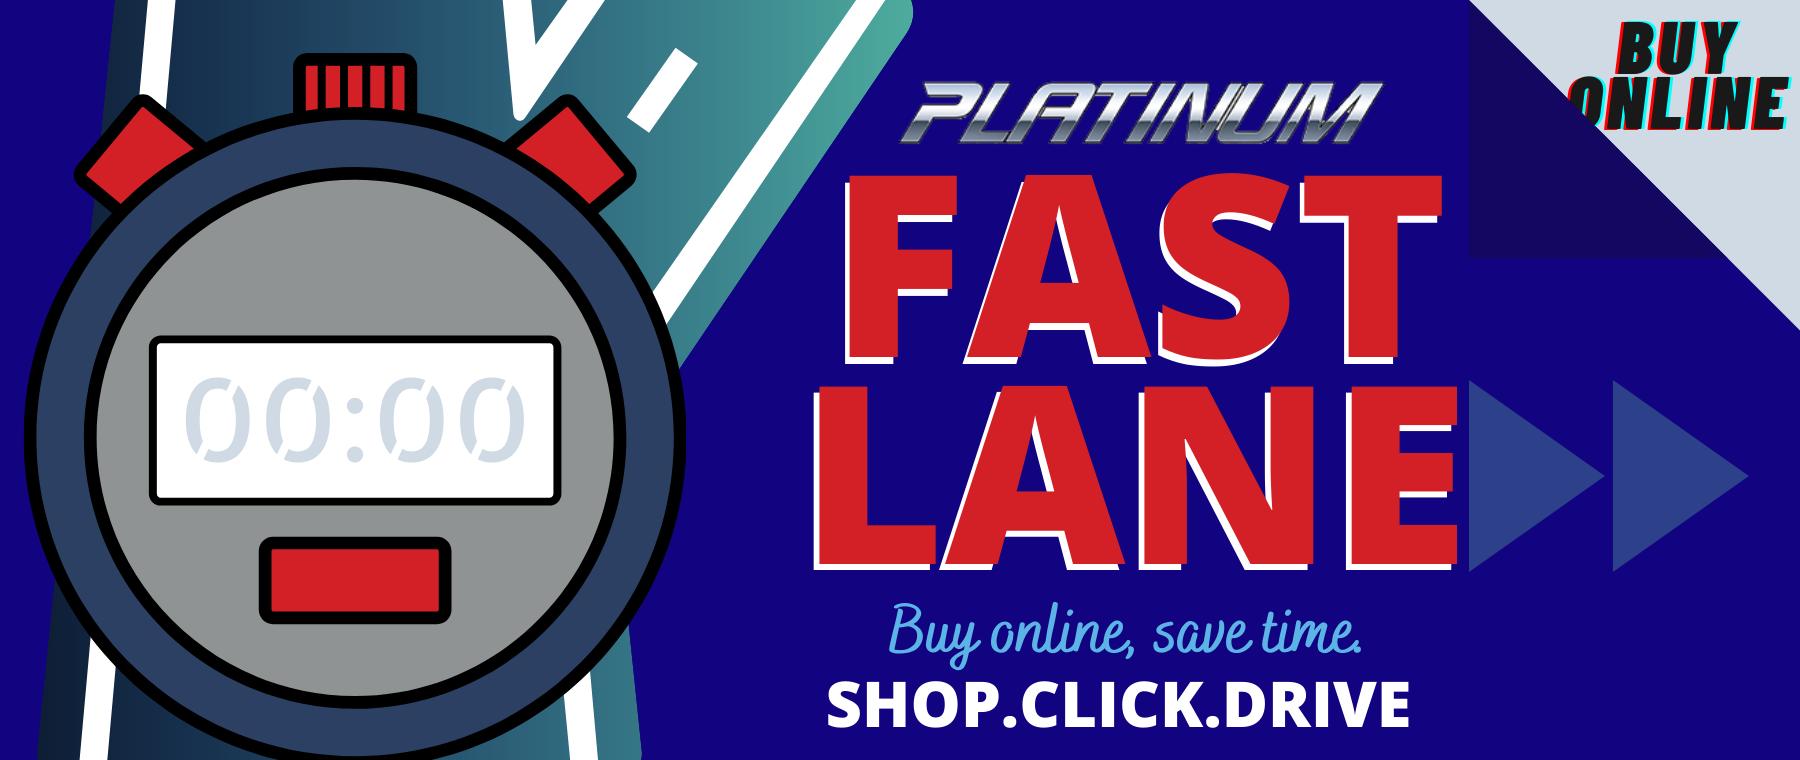 fast lane schedule service banner